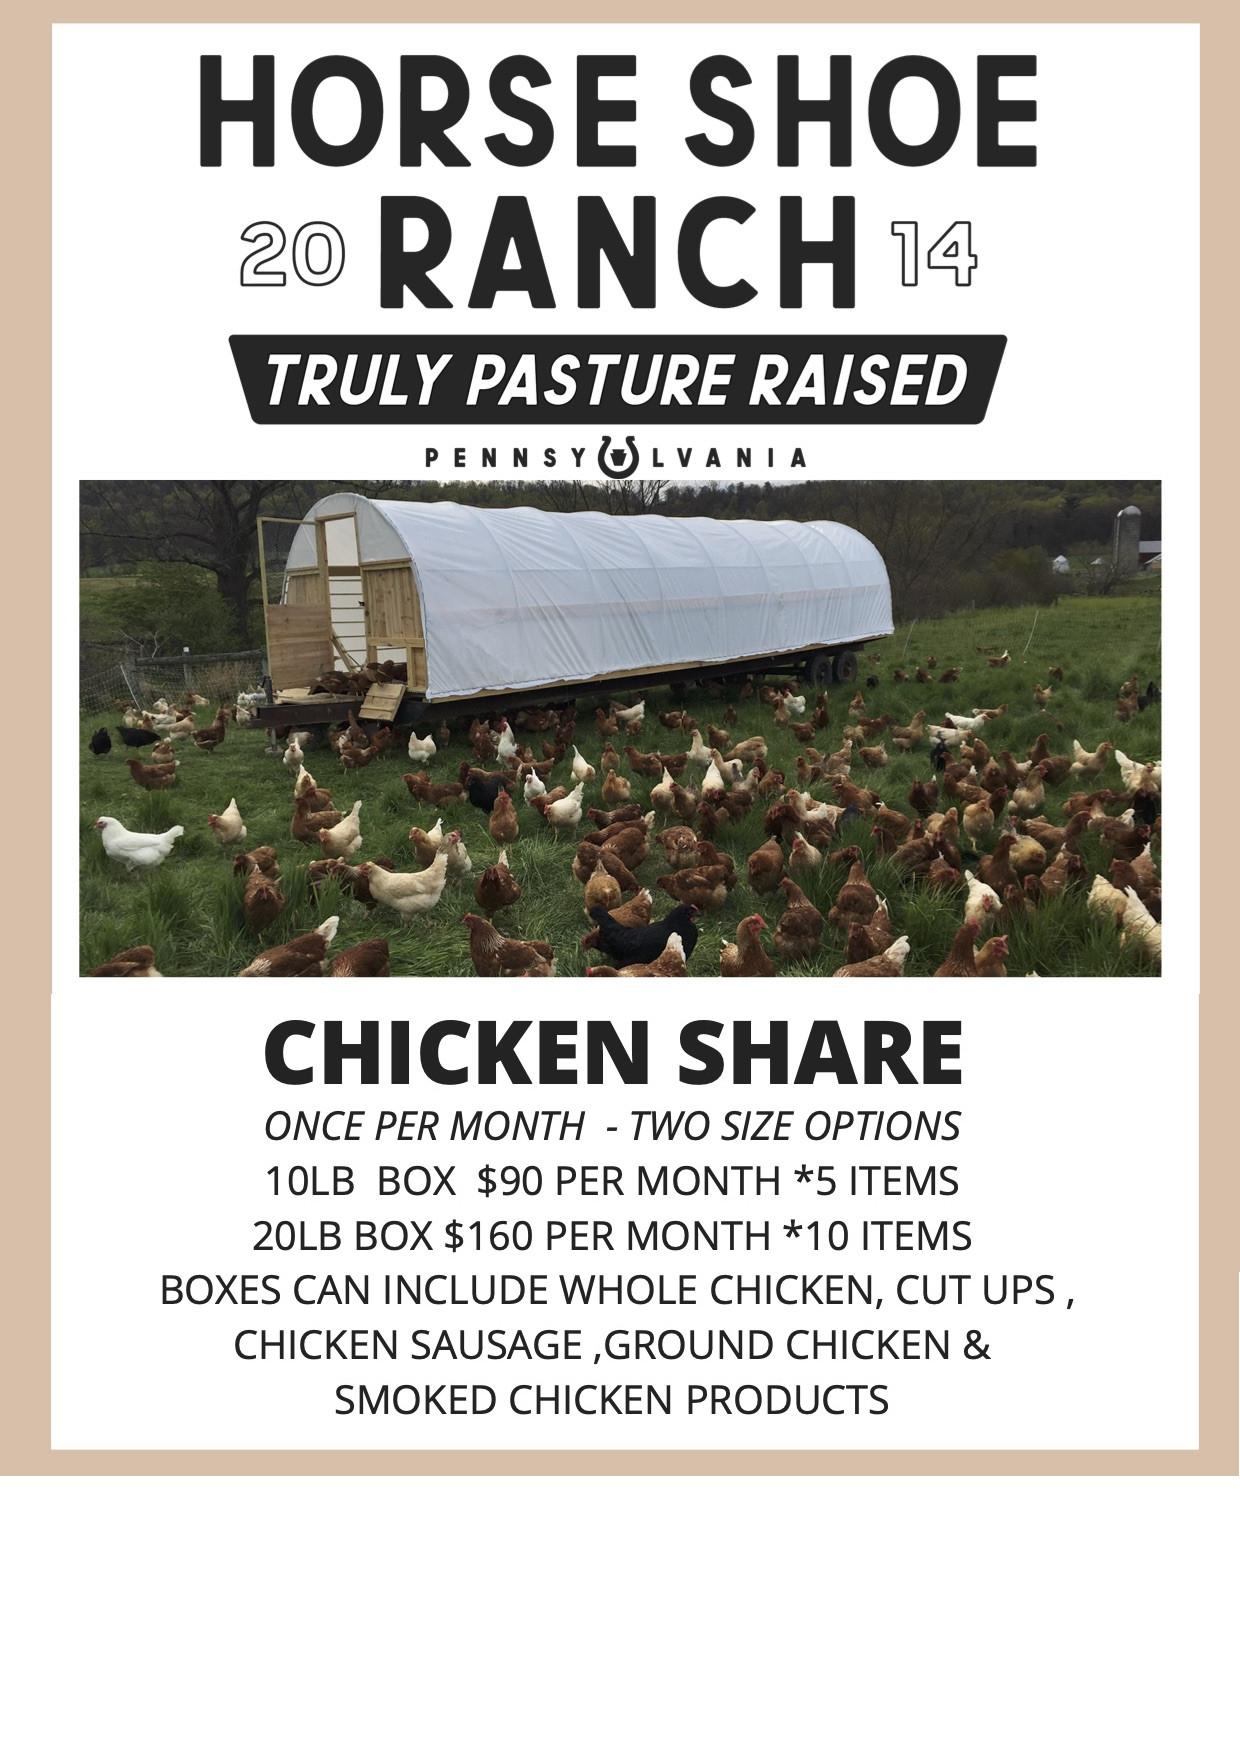 chickenshare.jpg